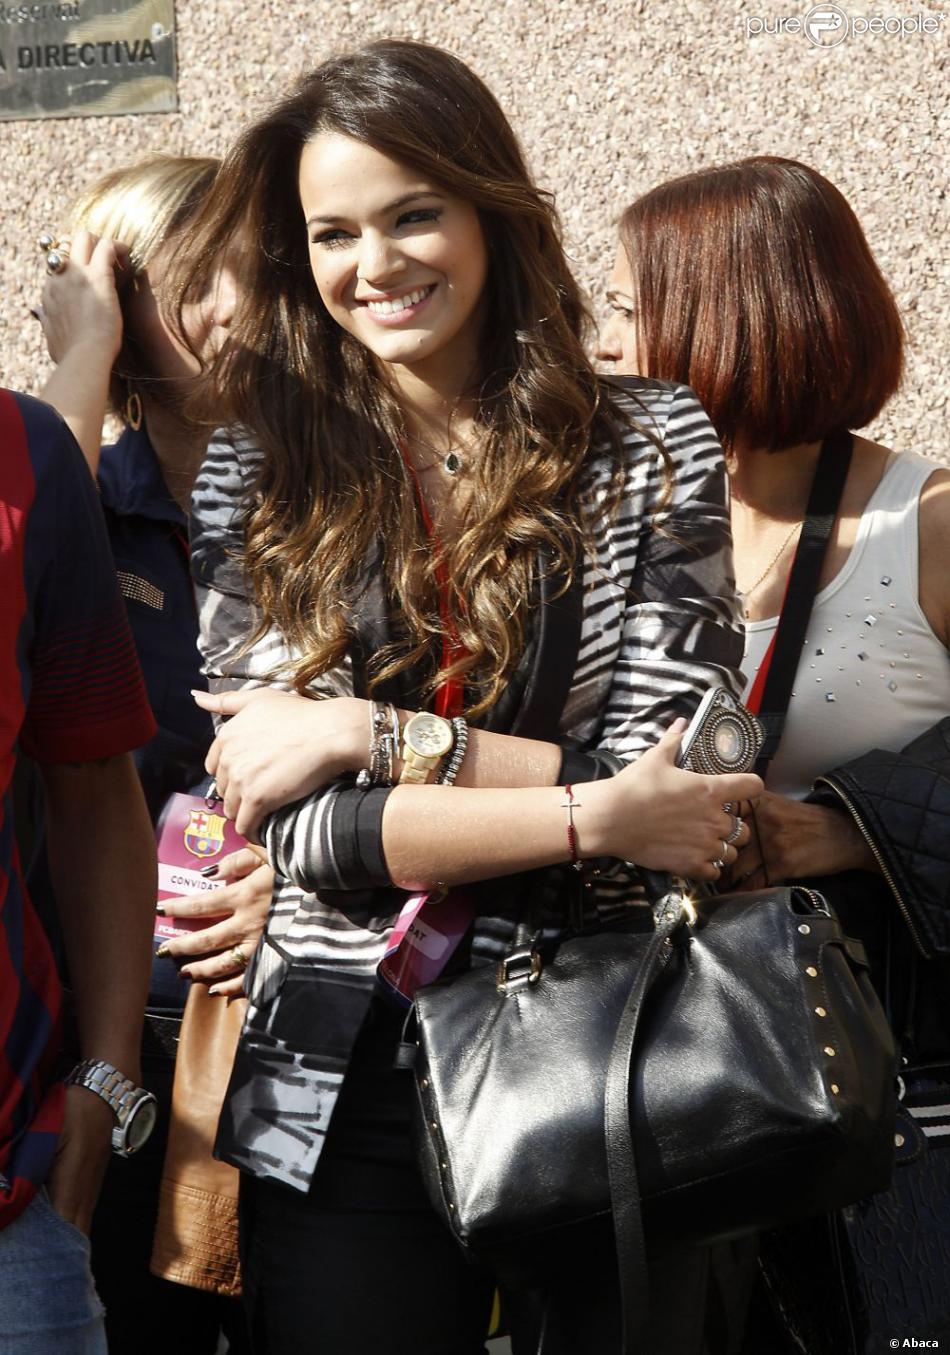 Bruna Marquezine, la compagne du footballeur Neymar, à Barcelone le 3 juin 2013 pour la présentation du joueur aux supporters du FC Barcelone.